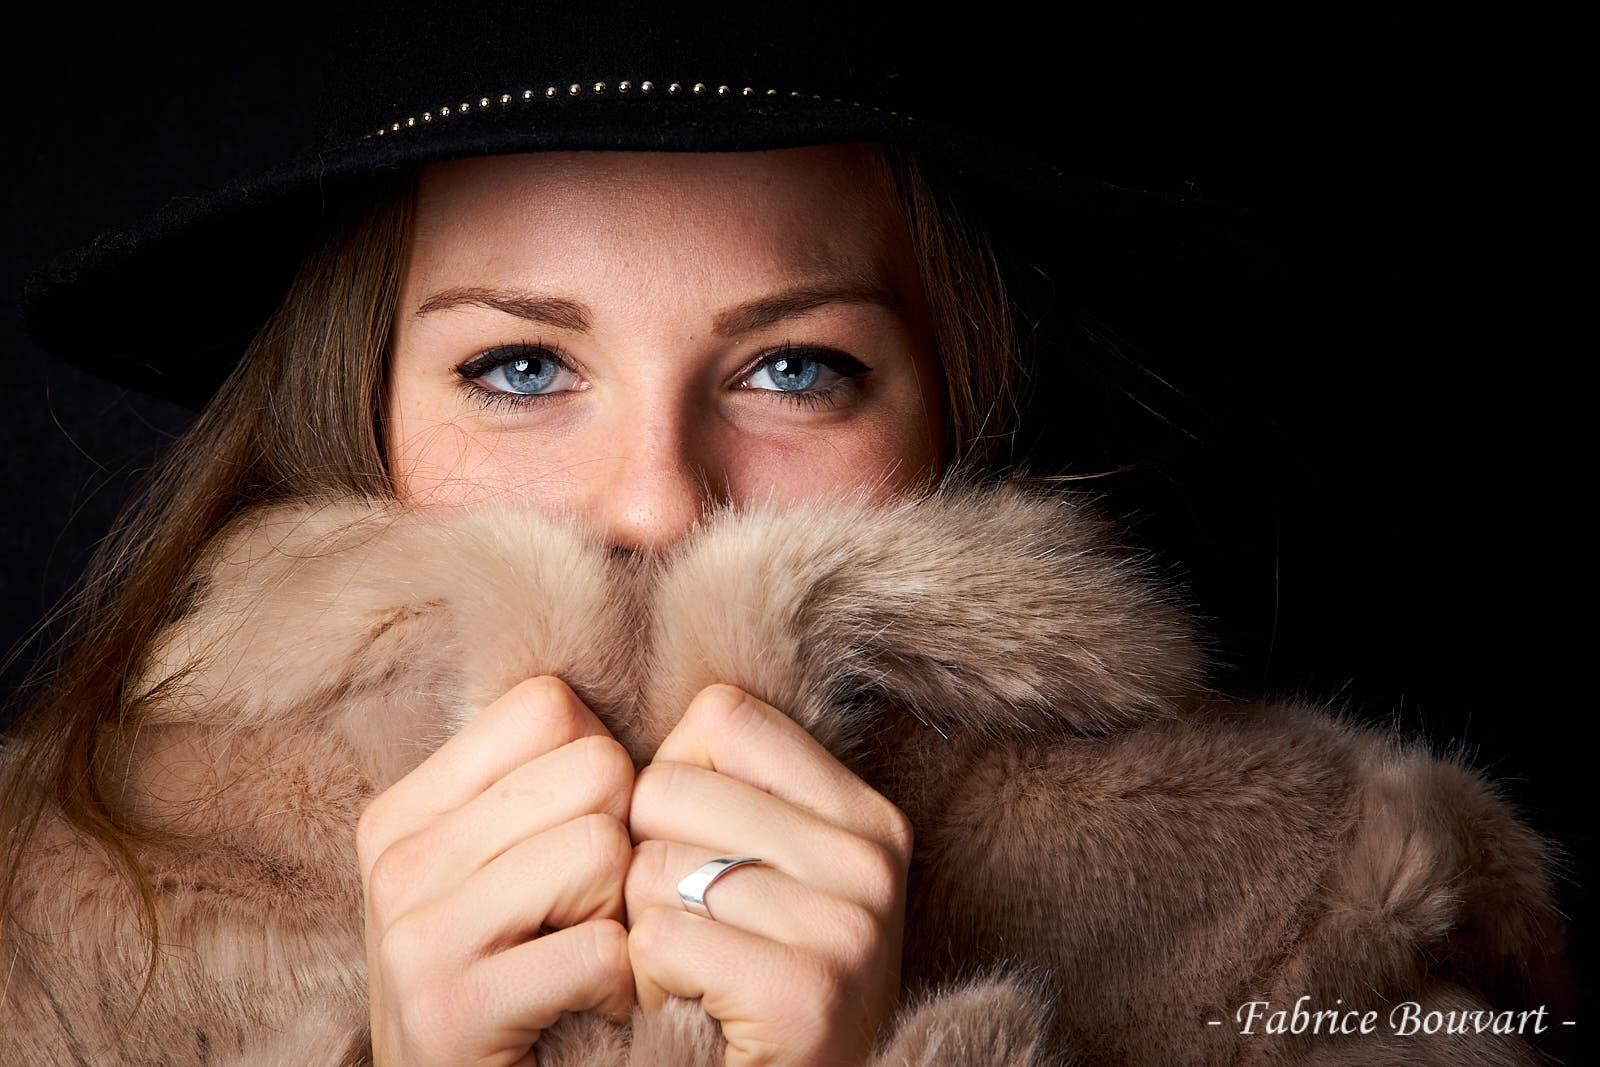 Emilie by fbouvart